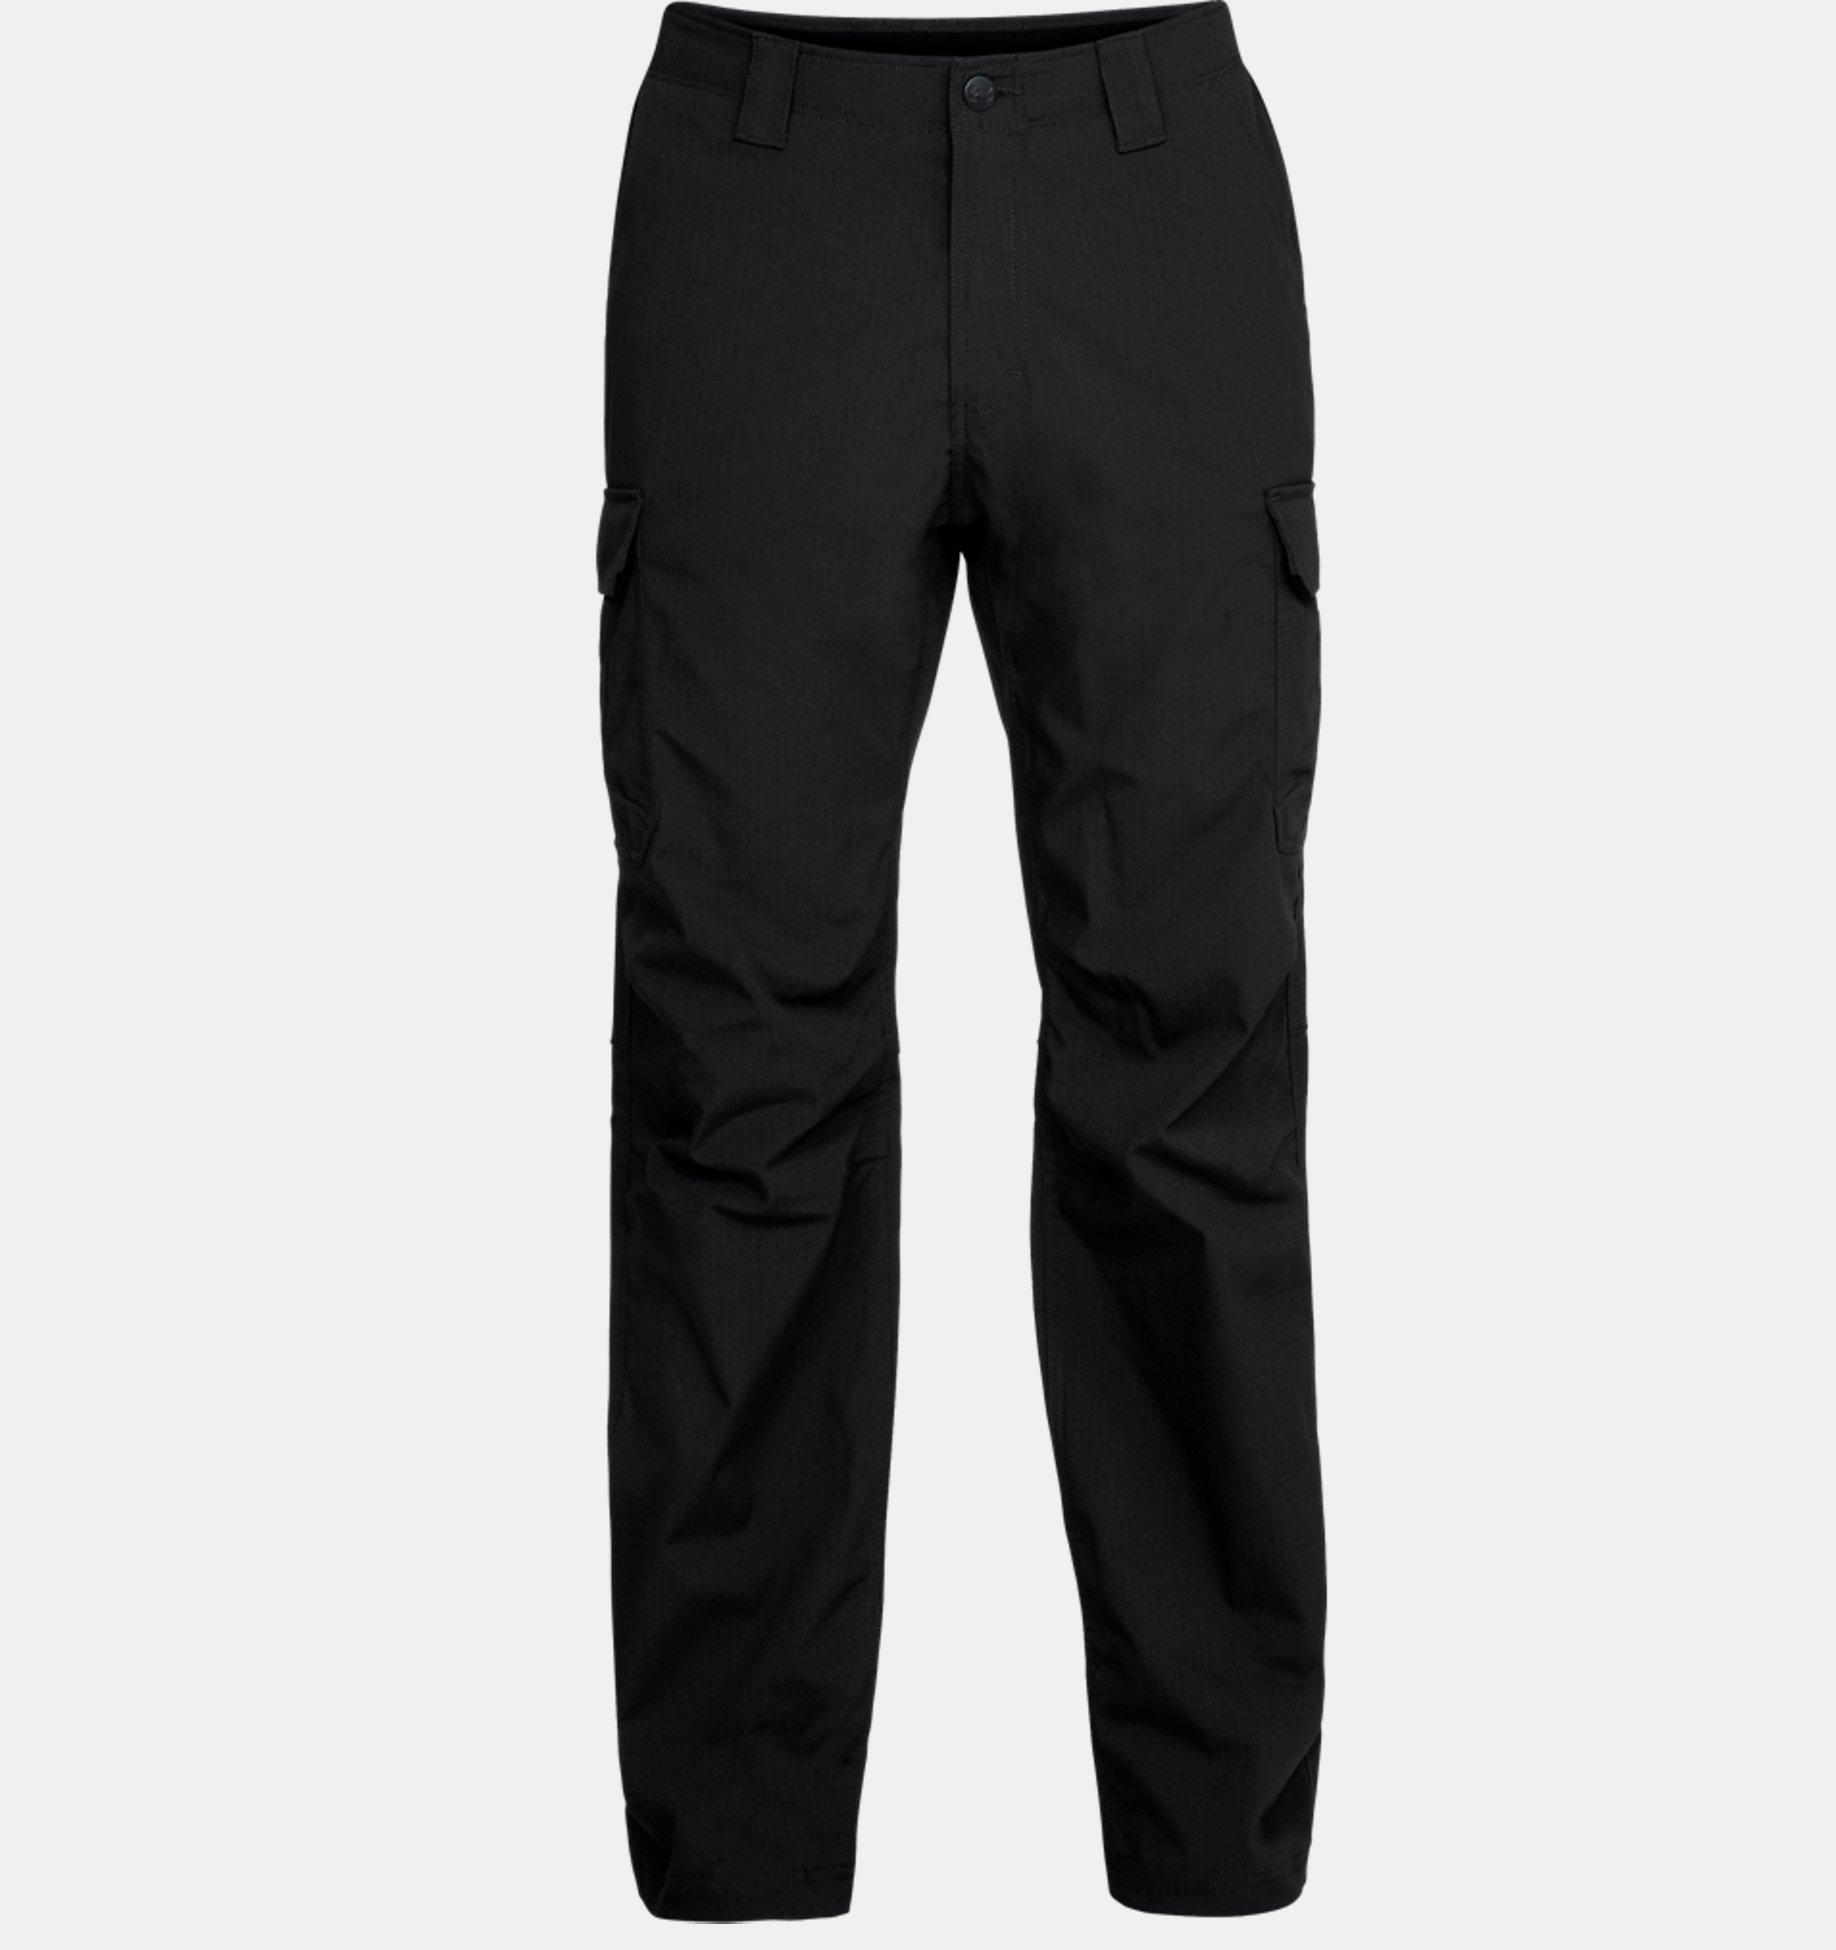 Pantalon Ua Storm Tactical Patrol Para Hombre Under Armour Es